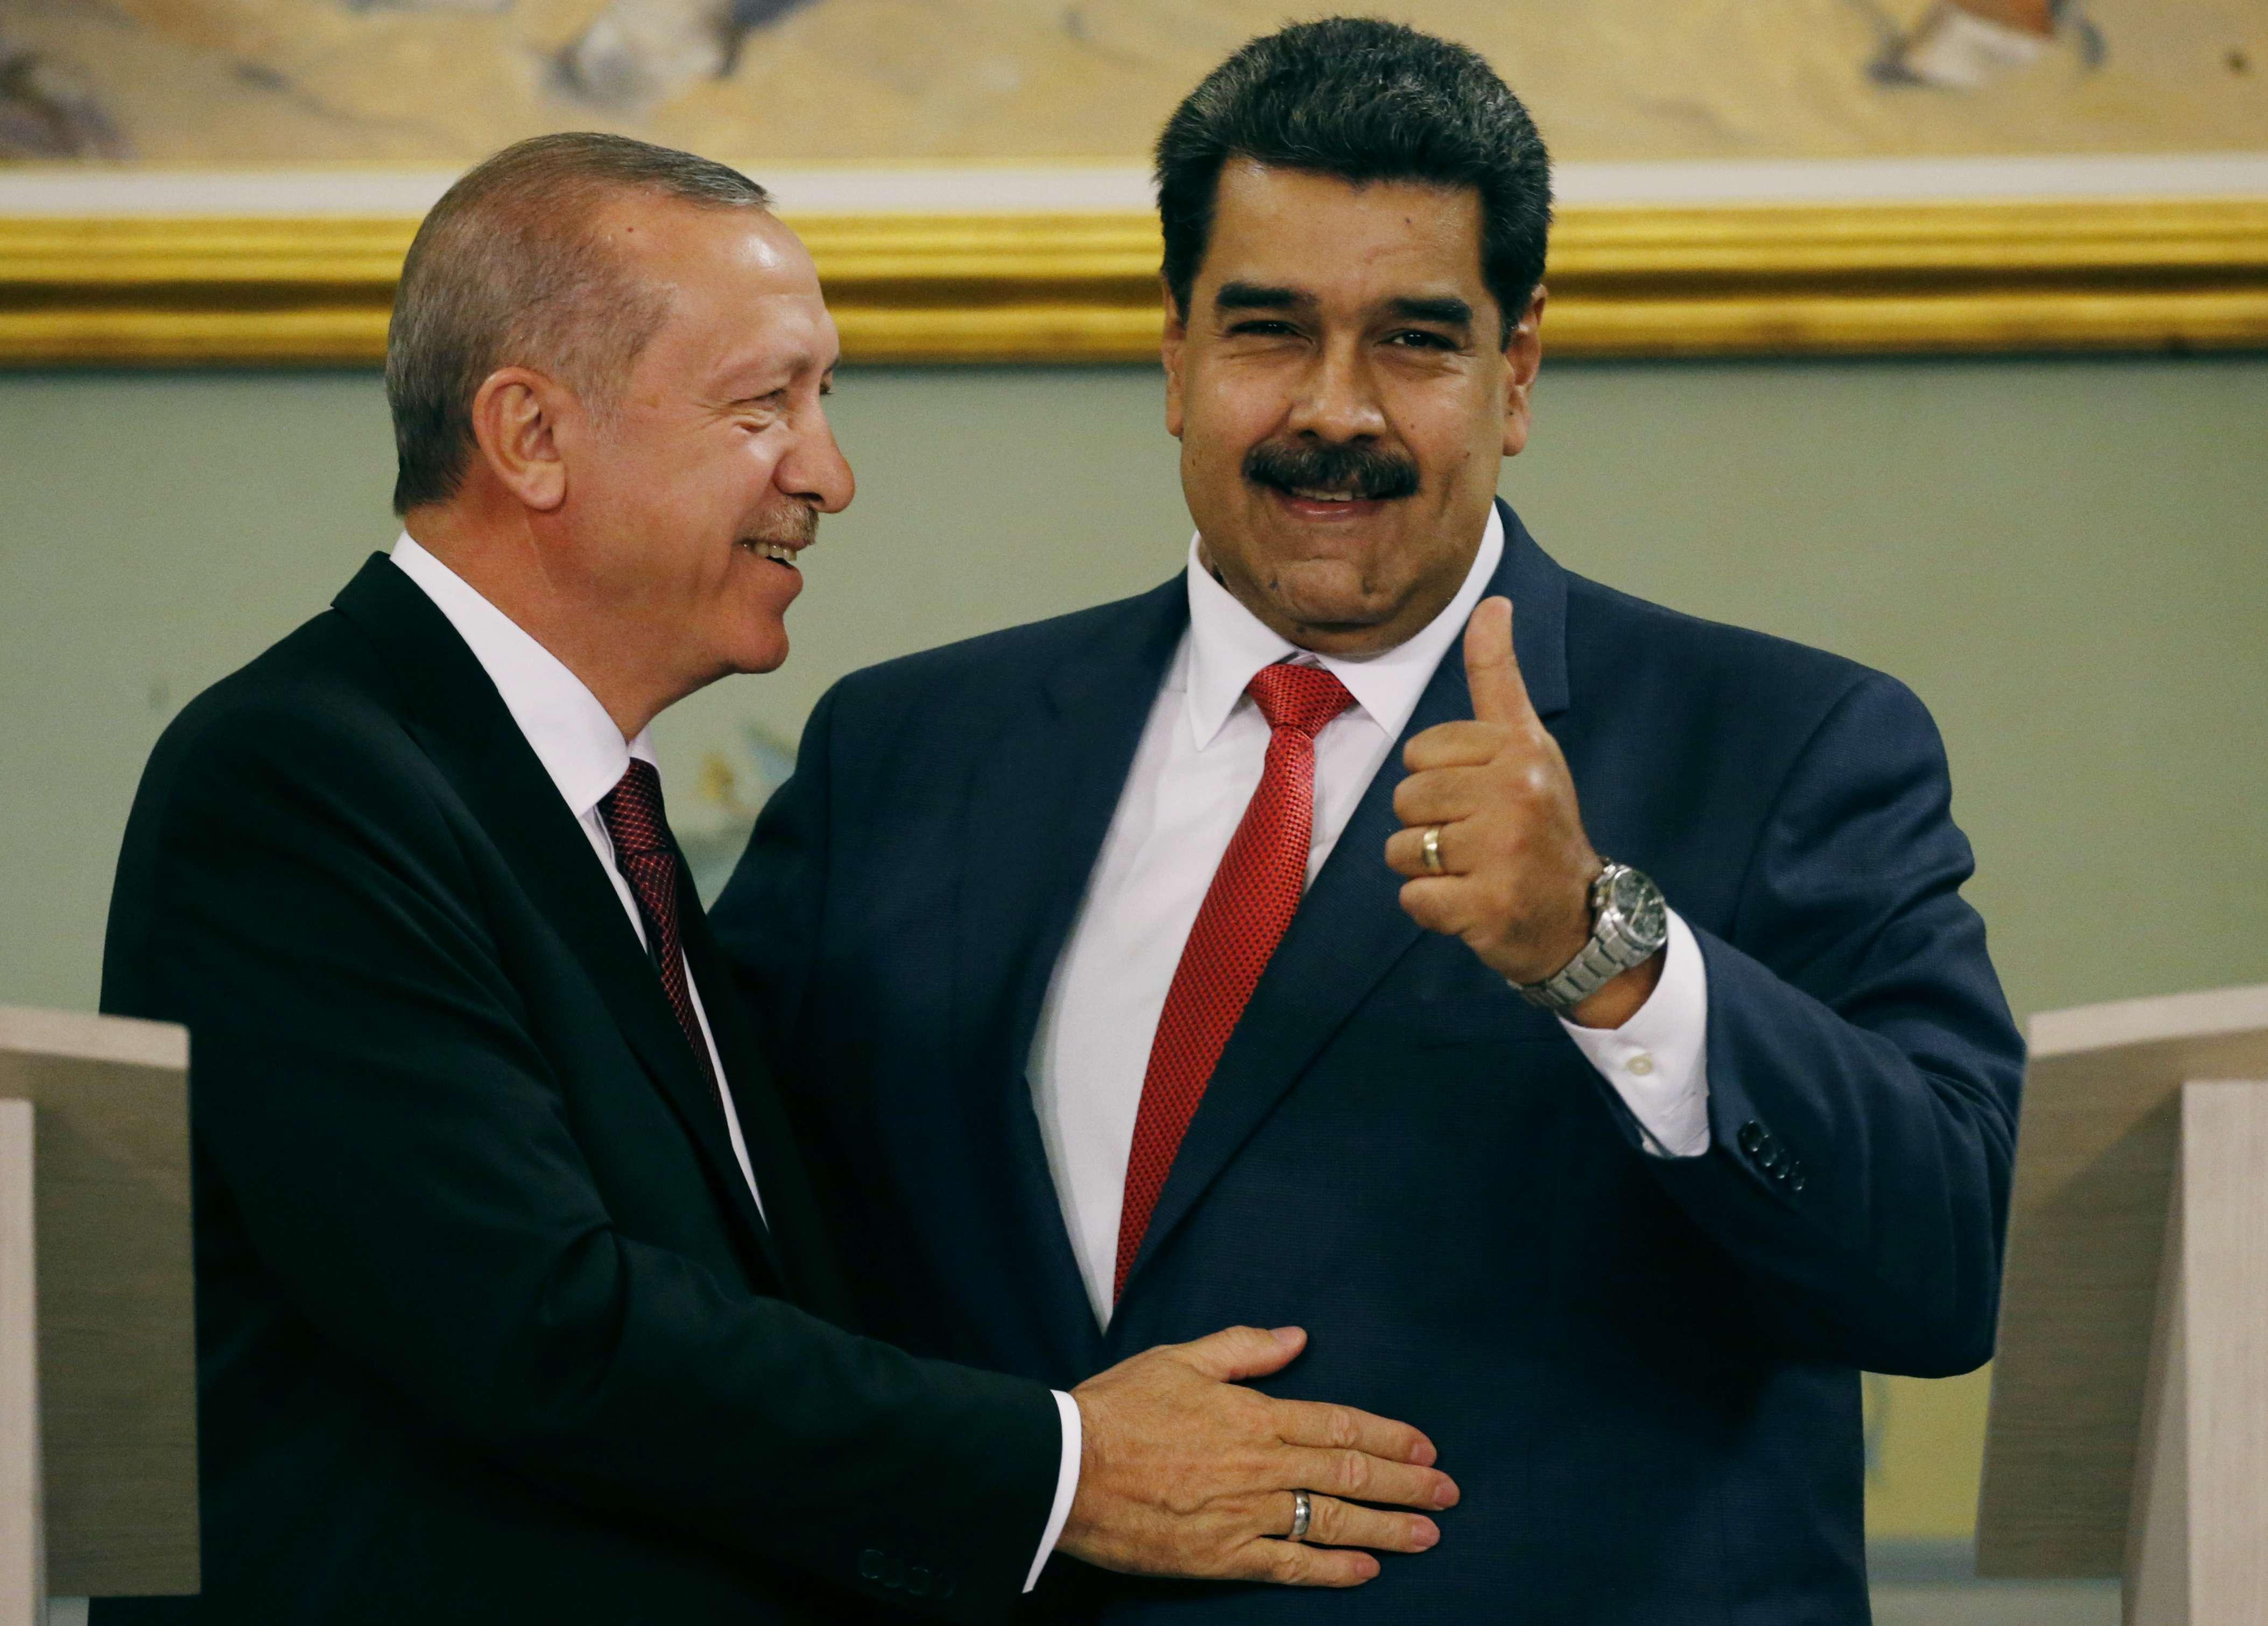 Recep Tayyip Erdogan et Nicolàs Maduro lors d'une conférence de presse commune au palais présidentiel de Miraflores à Caracas, le 3 décembre 2018.